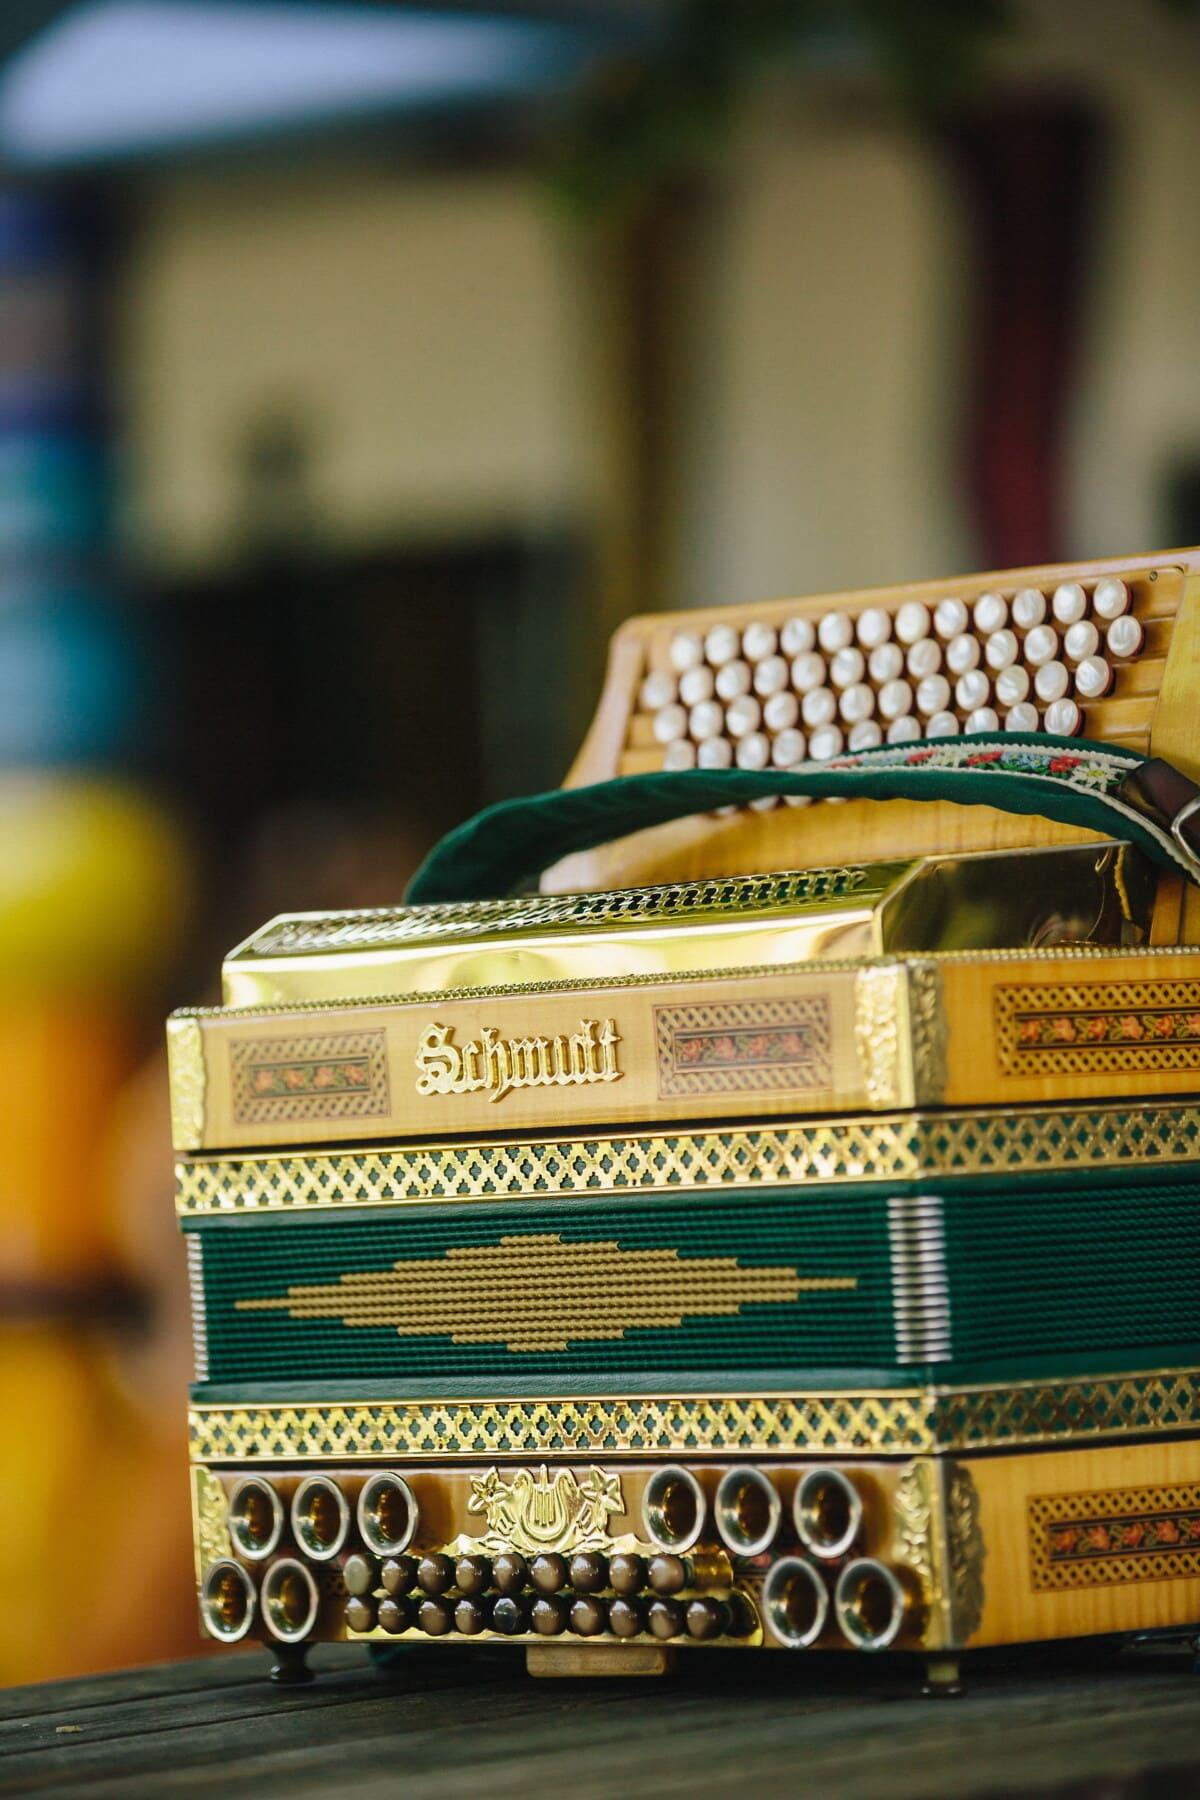 accordéon, nostalgie, vintage, instrument, musique, éclat doré, brillante, brun jaunâtre, à l'intérieur, Retro